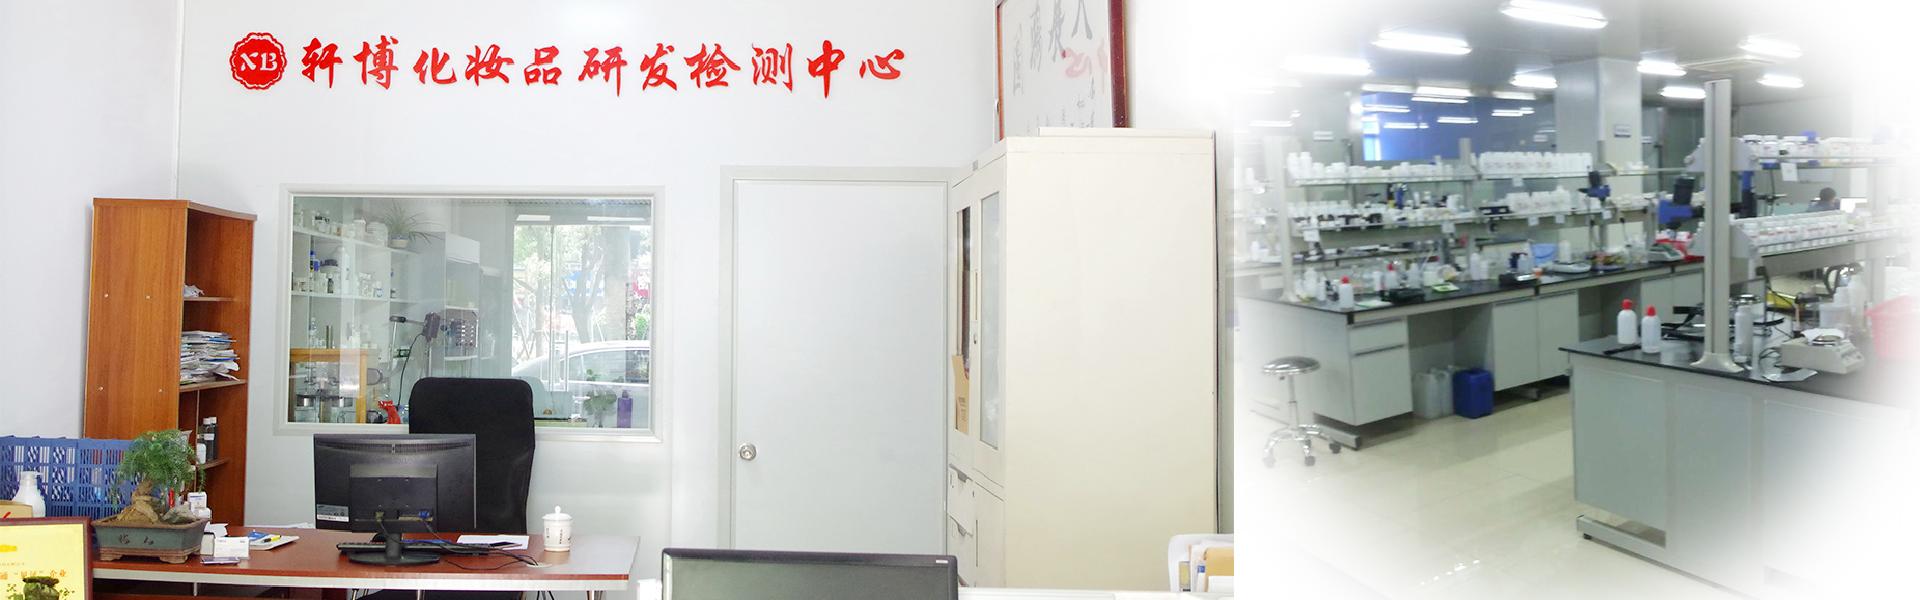 福州轩博生物科技有限公司_联系我们